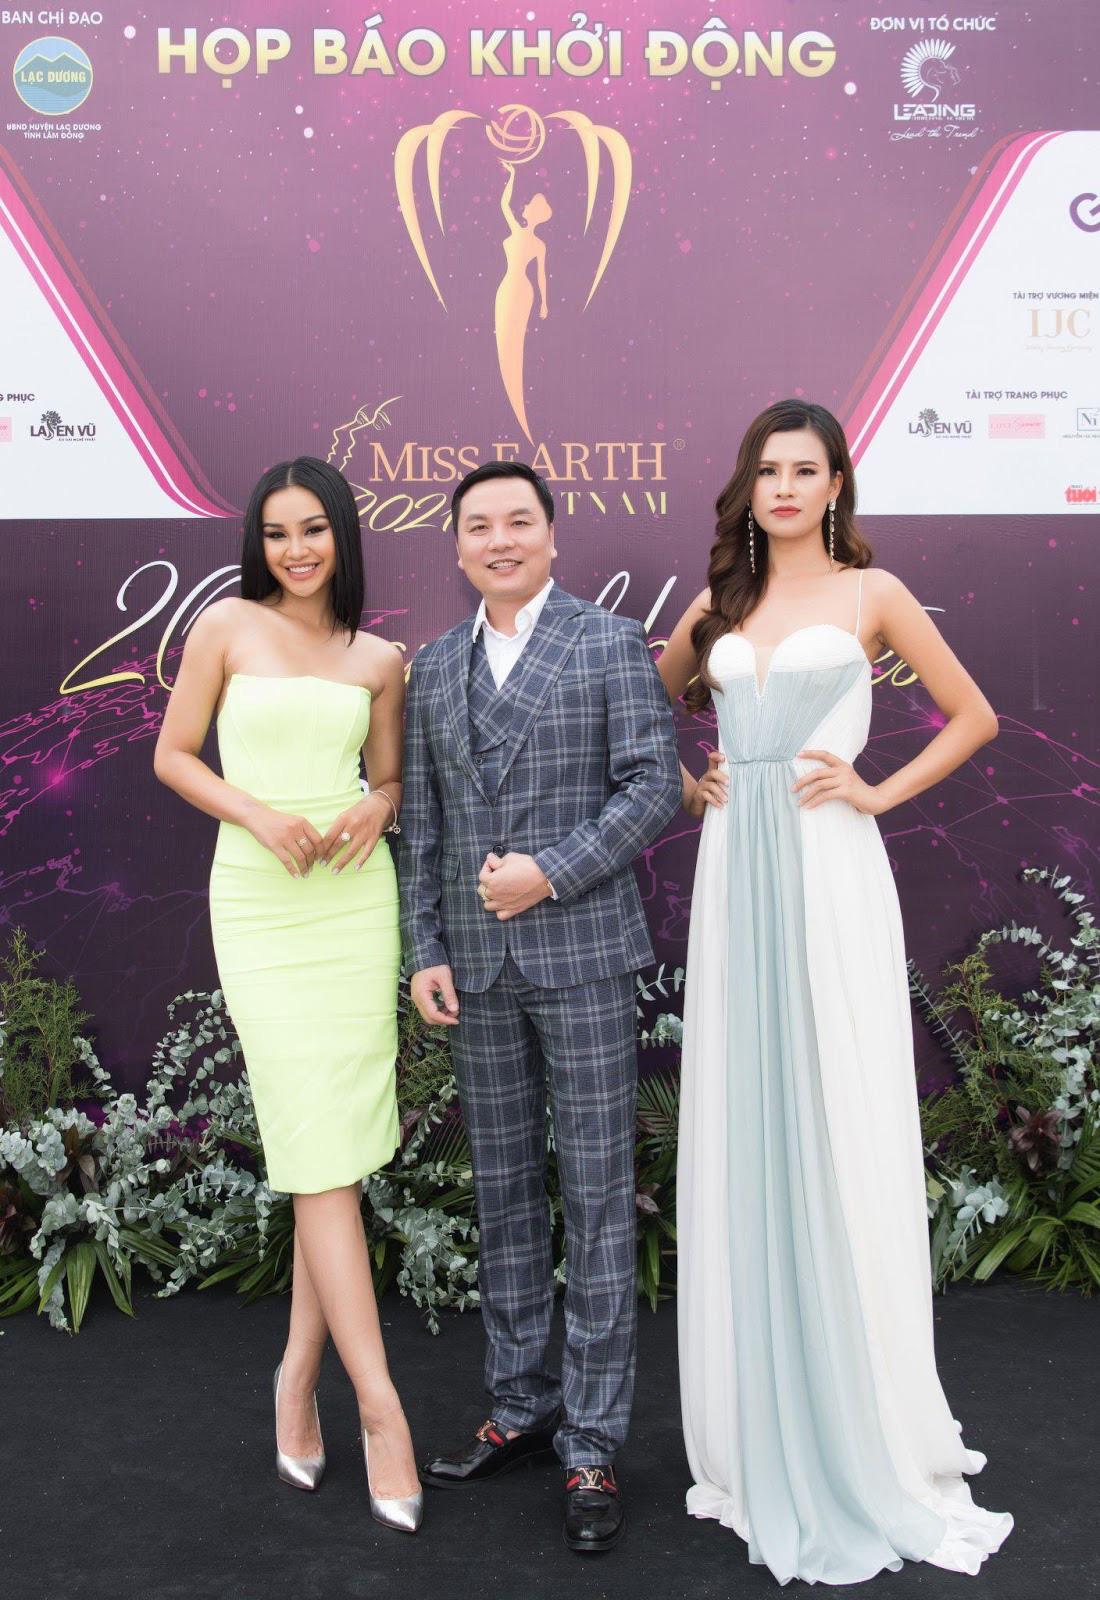 Hoa hậu Trái đất 2021 quy tụ dàn celeb khủng, hội ngộ 7 Miss Earth Vietnam - Ảnh 9.